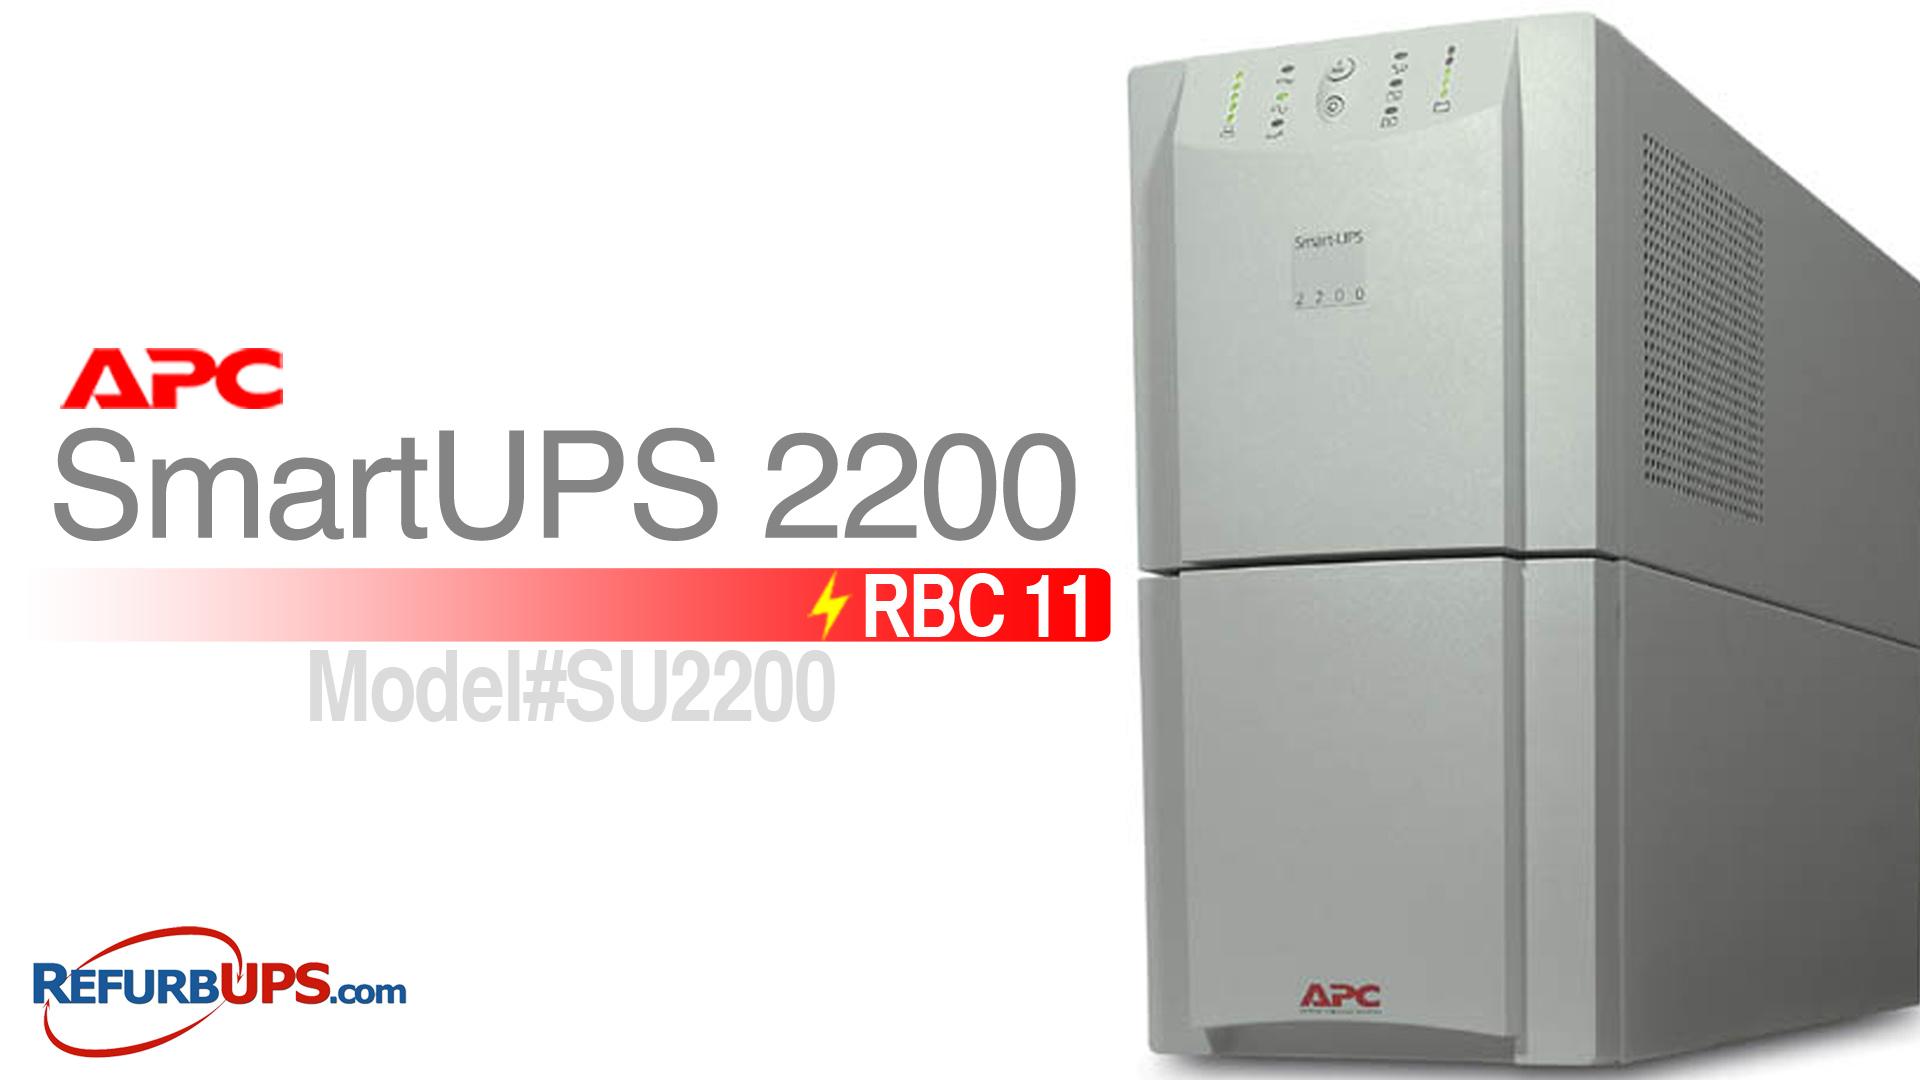 APC RBC 11 in APC SmartUPS 2200